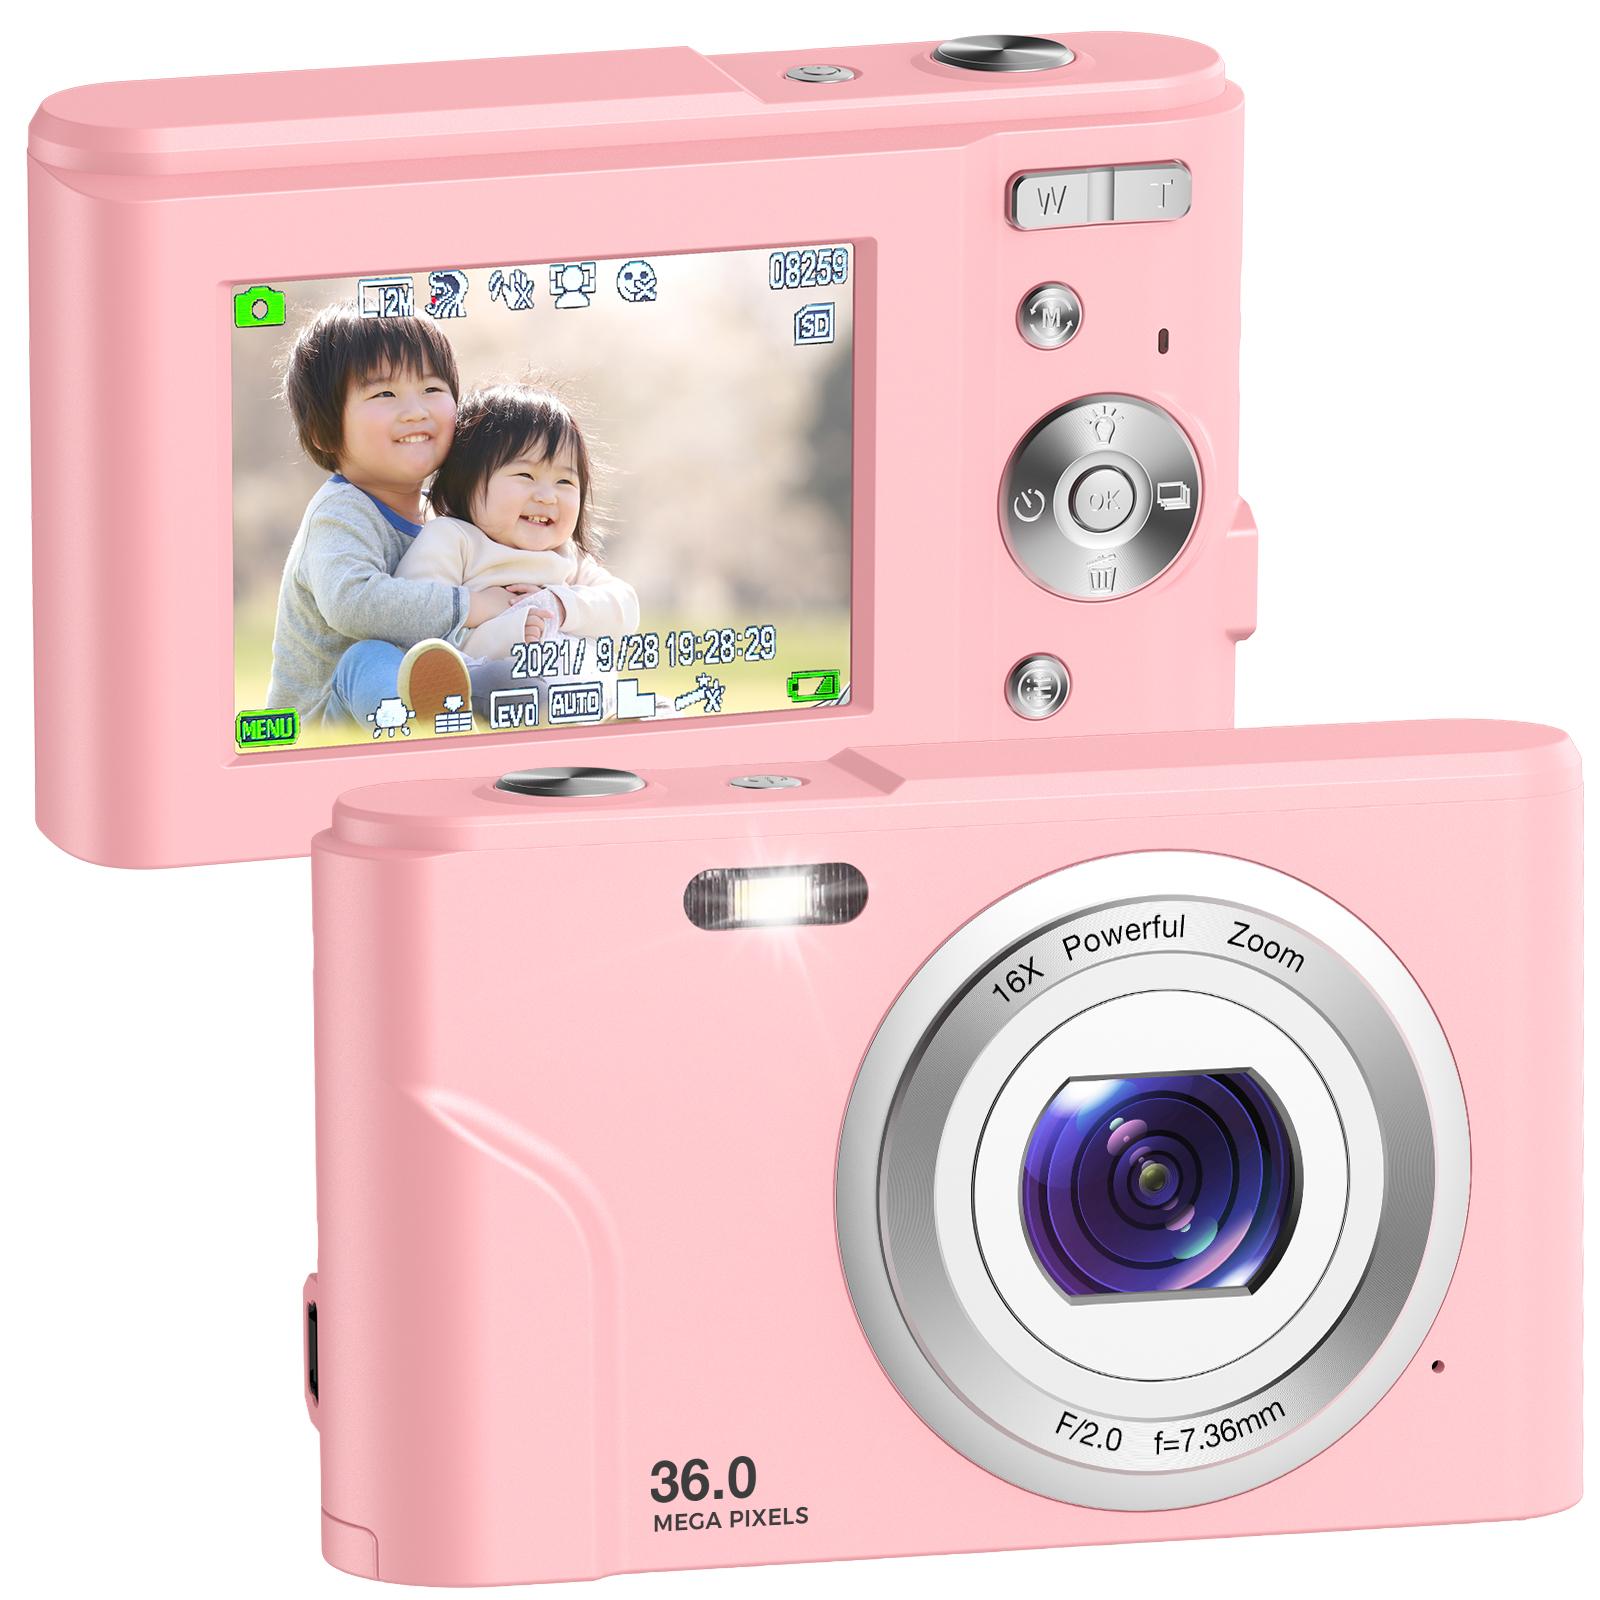 9成新卡片相机